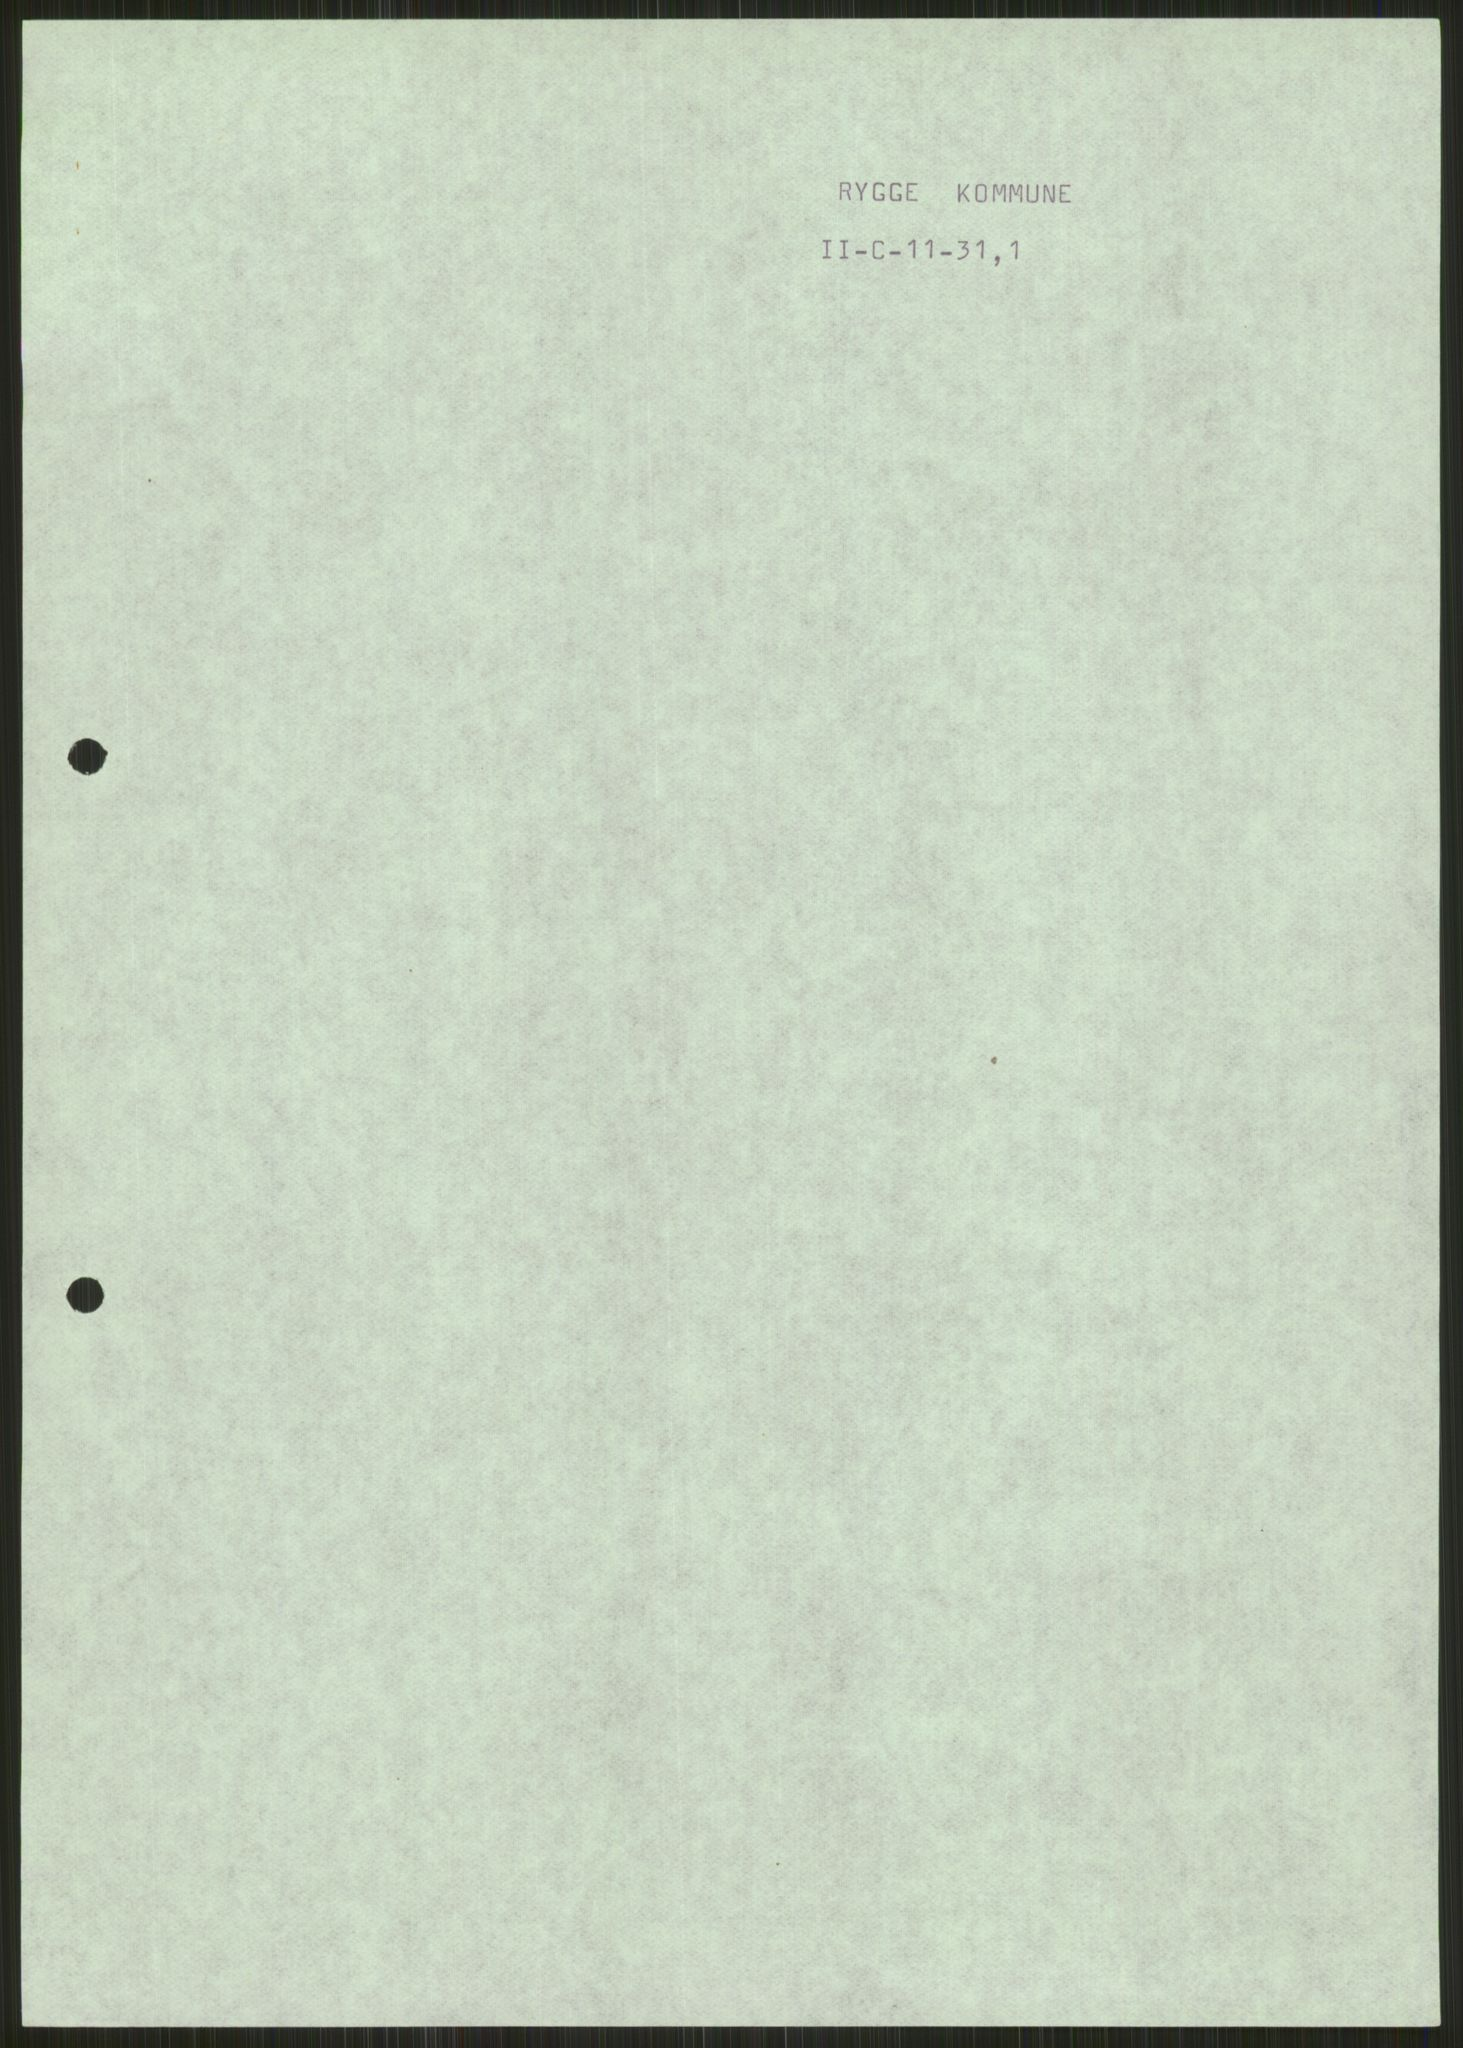 RA, Forsvaret, Forsvarets krigshistoriske avdeling, Y/Ya/L0013: II-C-11-31 - Fylkesmenn.  Rapporter om krigsbegivenhetene 1940., 1940, s. 130